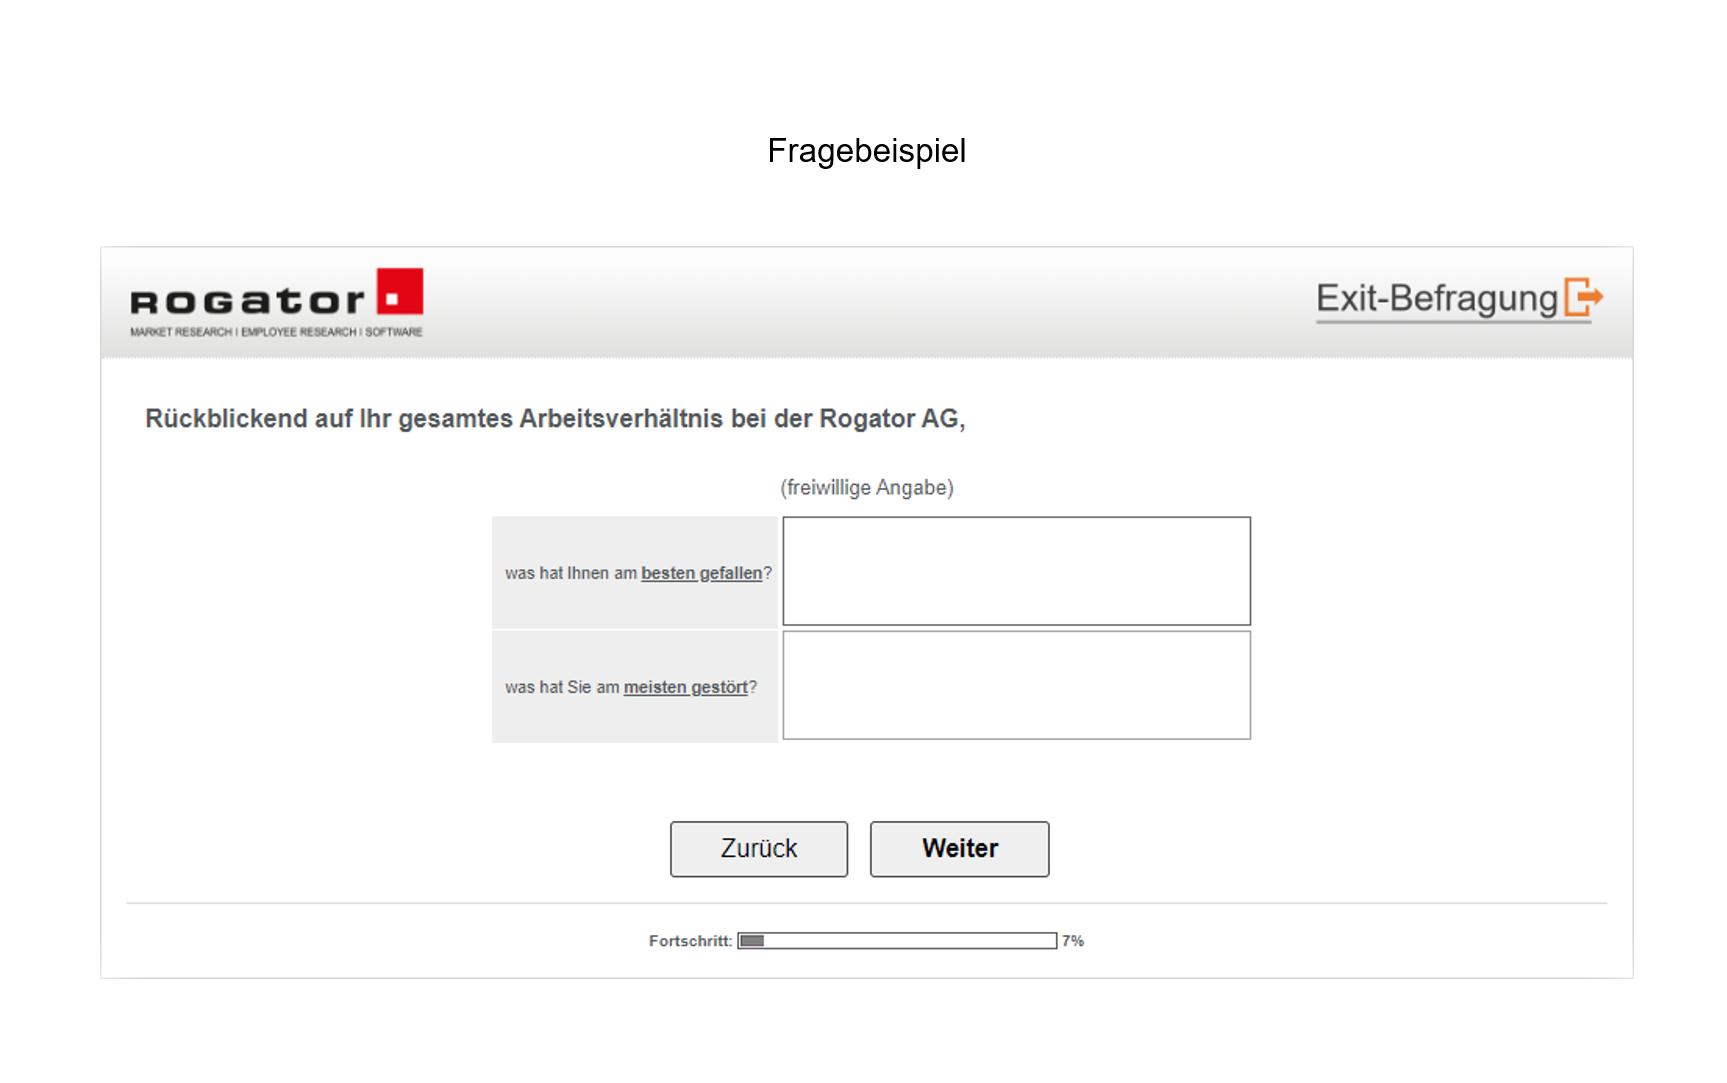 Exit-Befragung_Fragebeispiel1